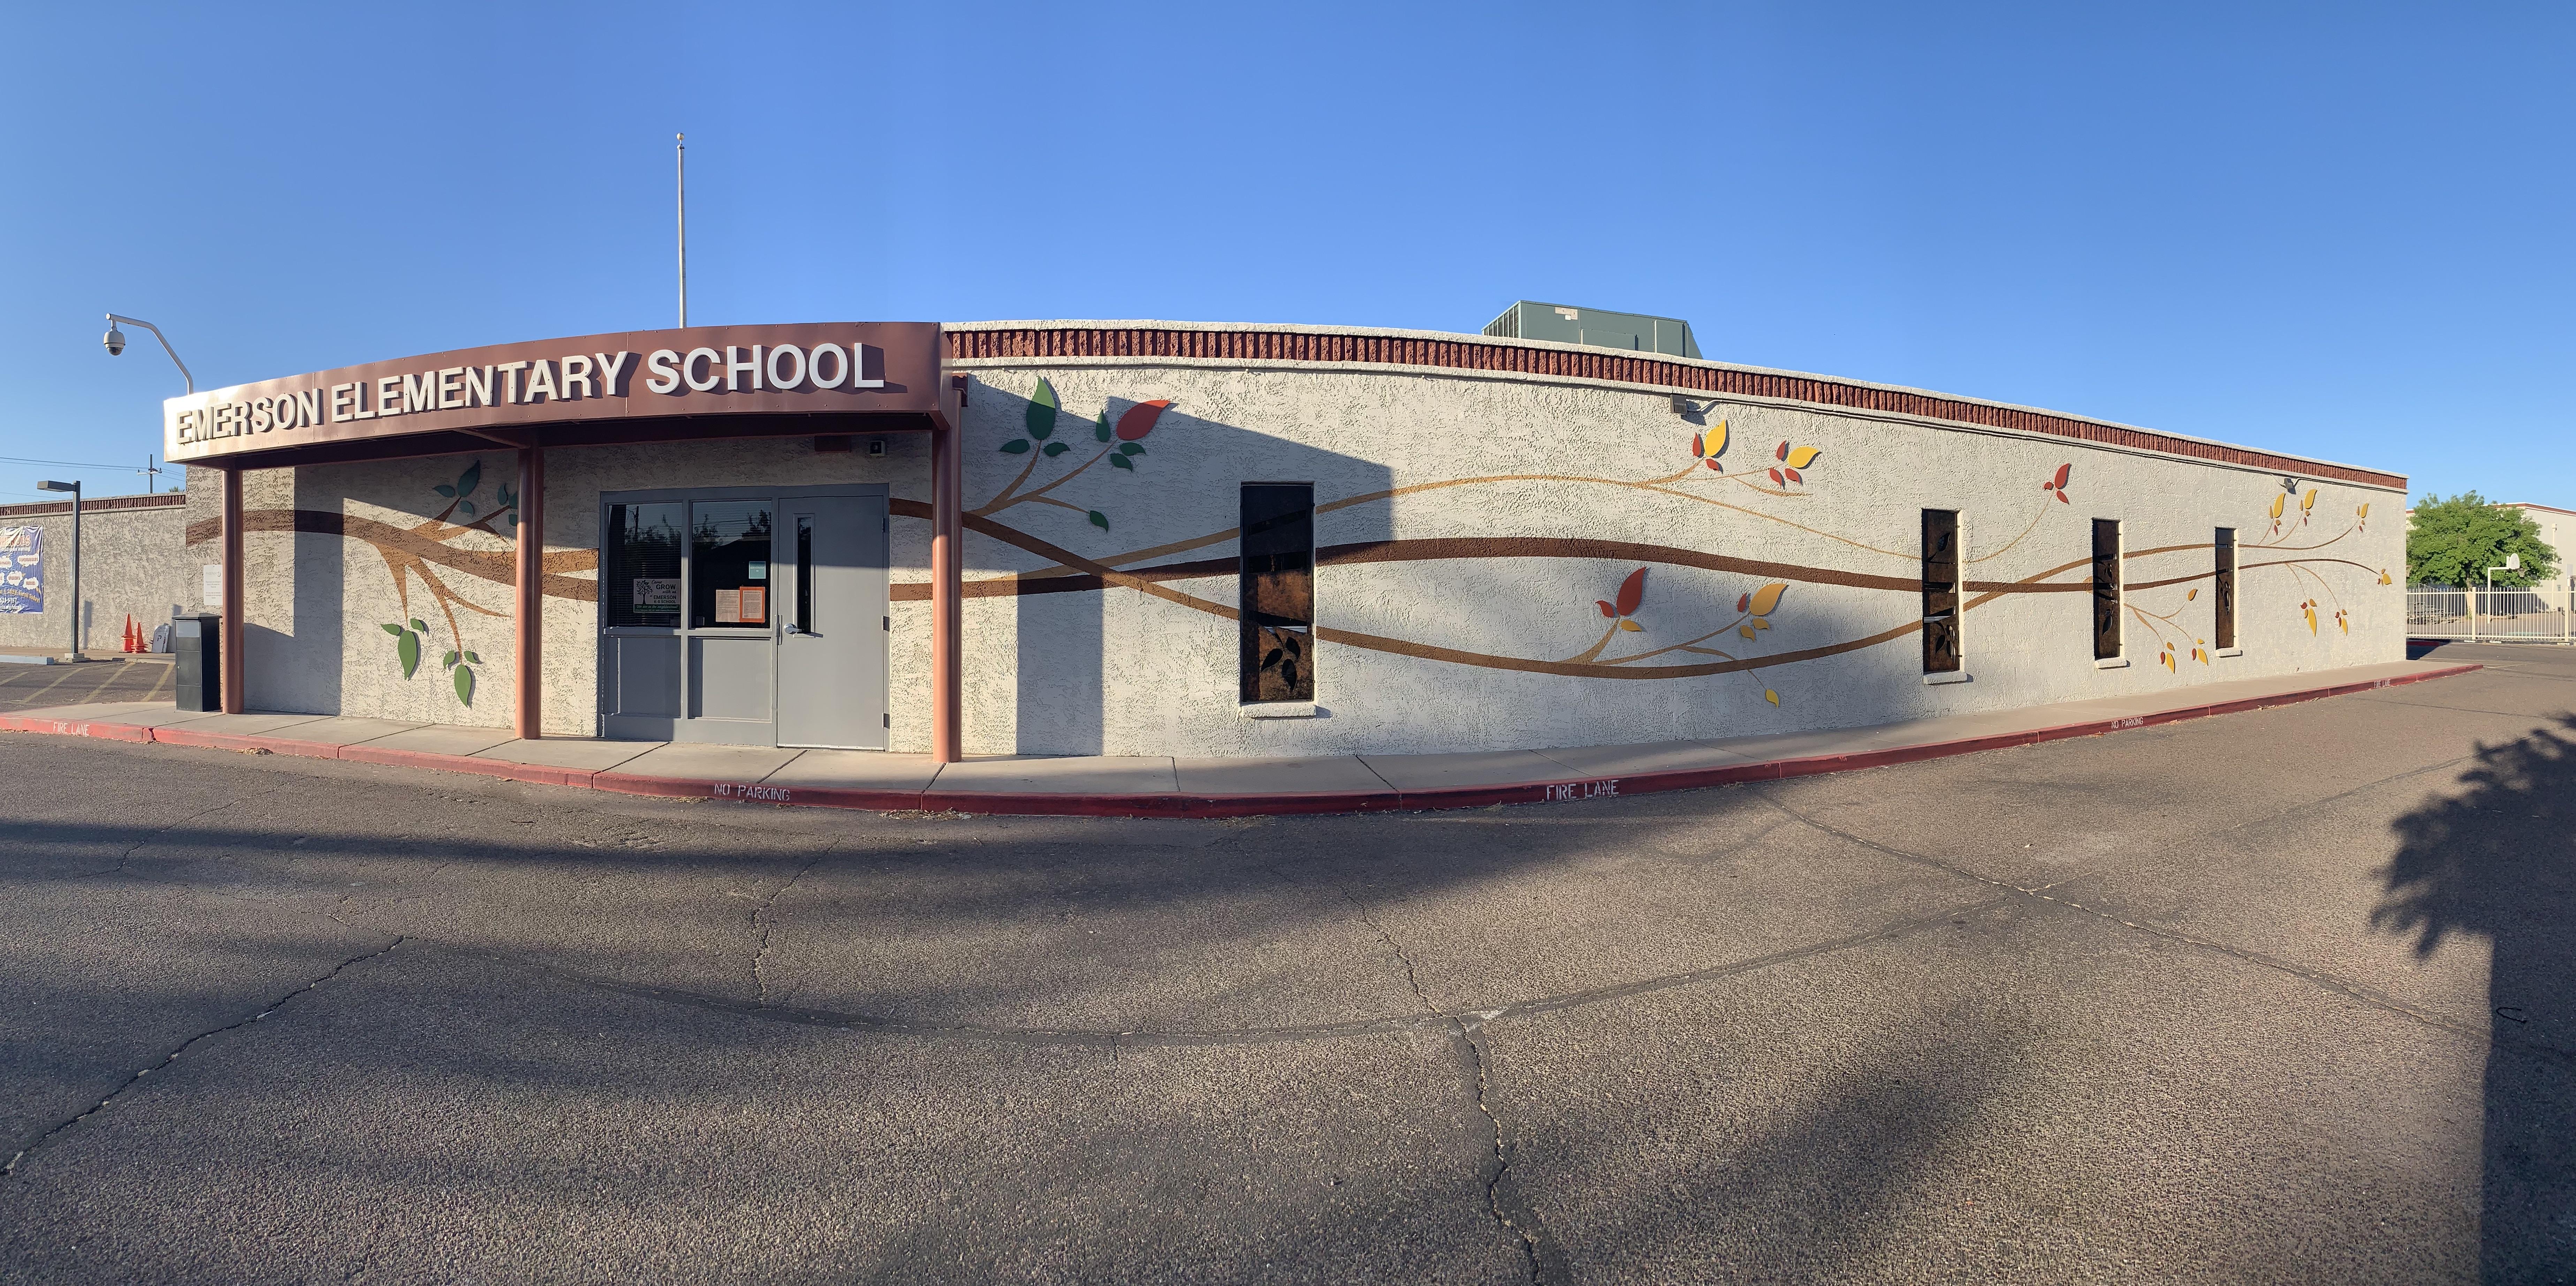 Emerson Elementary Facade